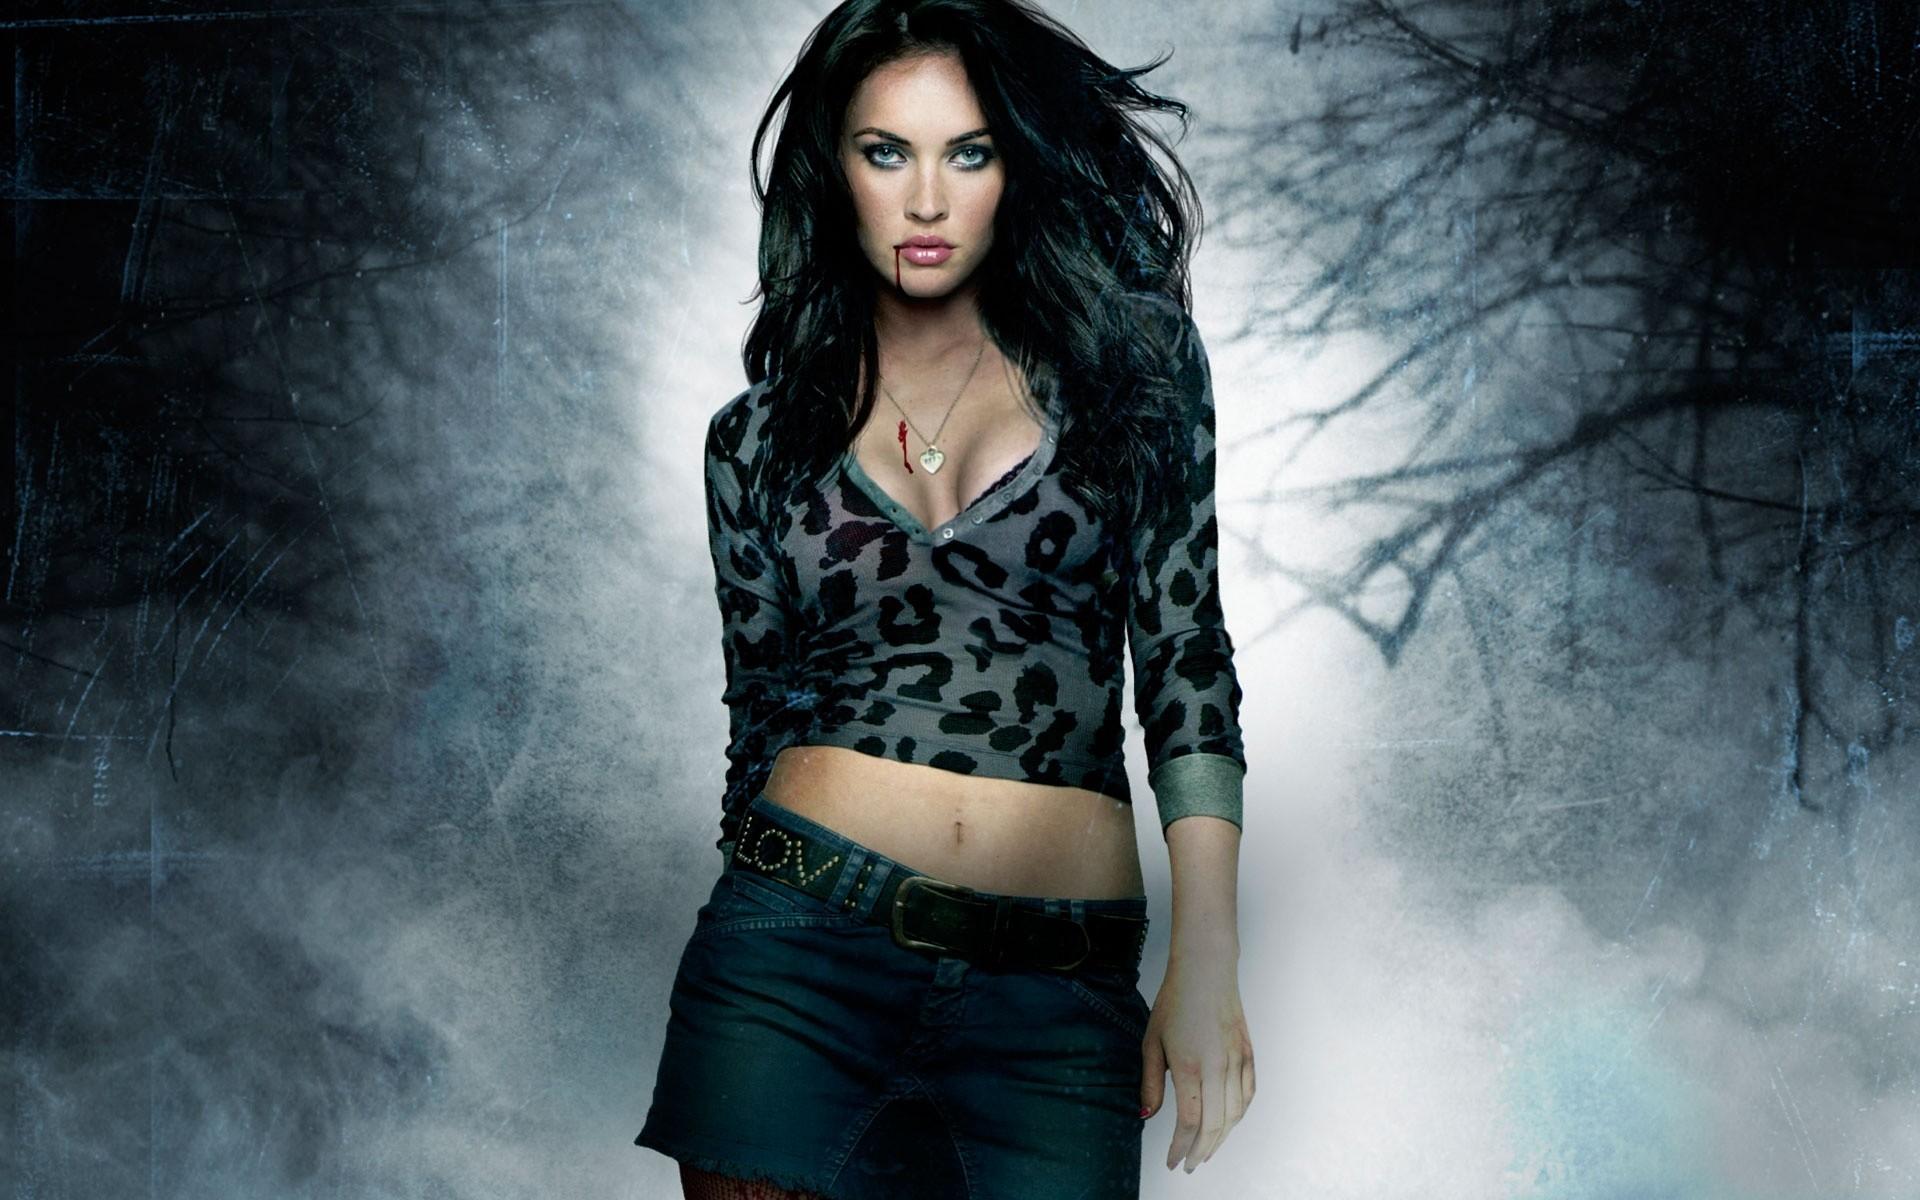 Megan Fox Wallpaper Hd 80 Images